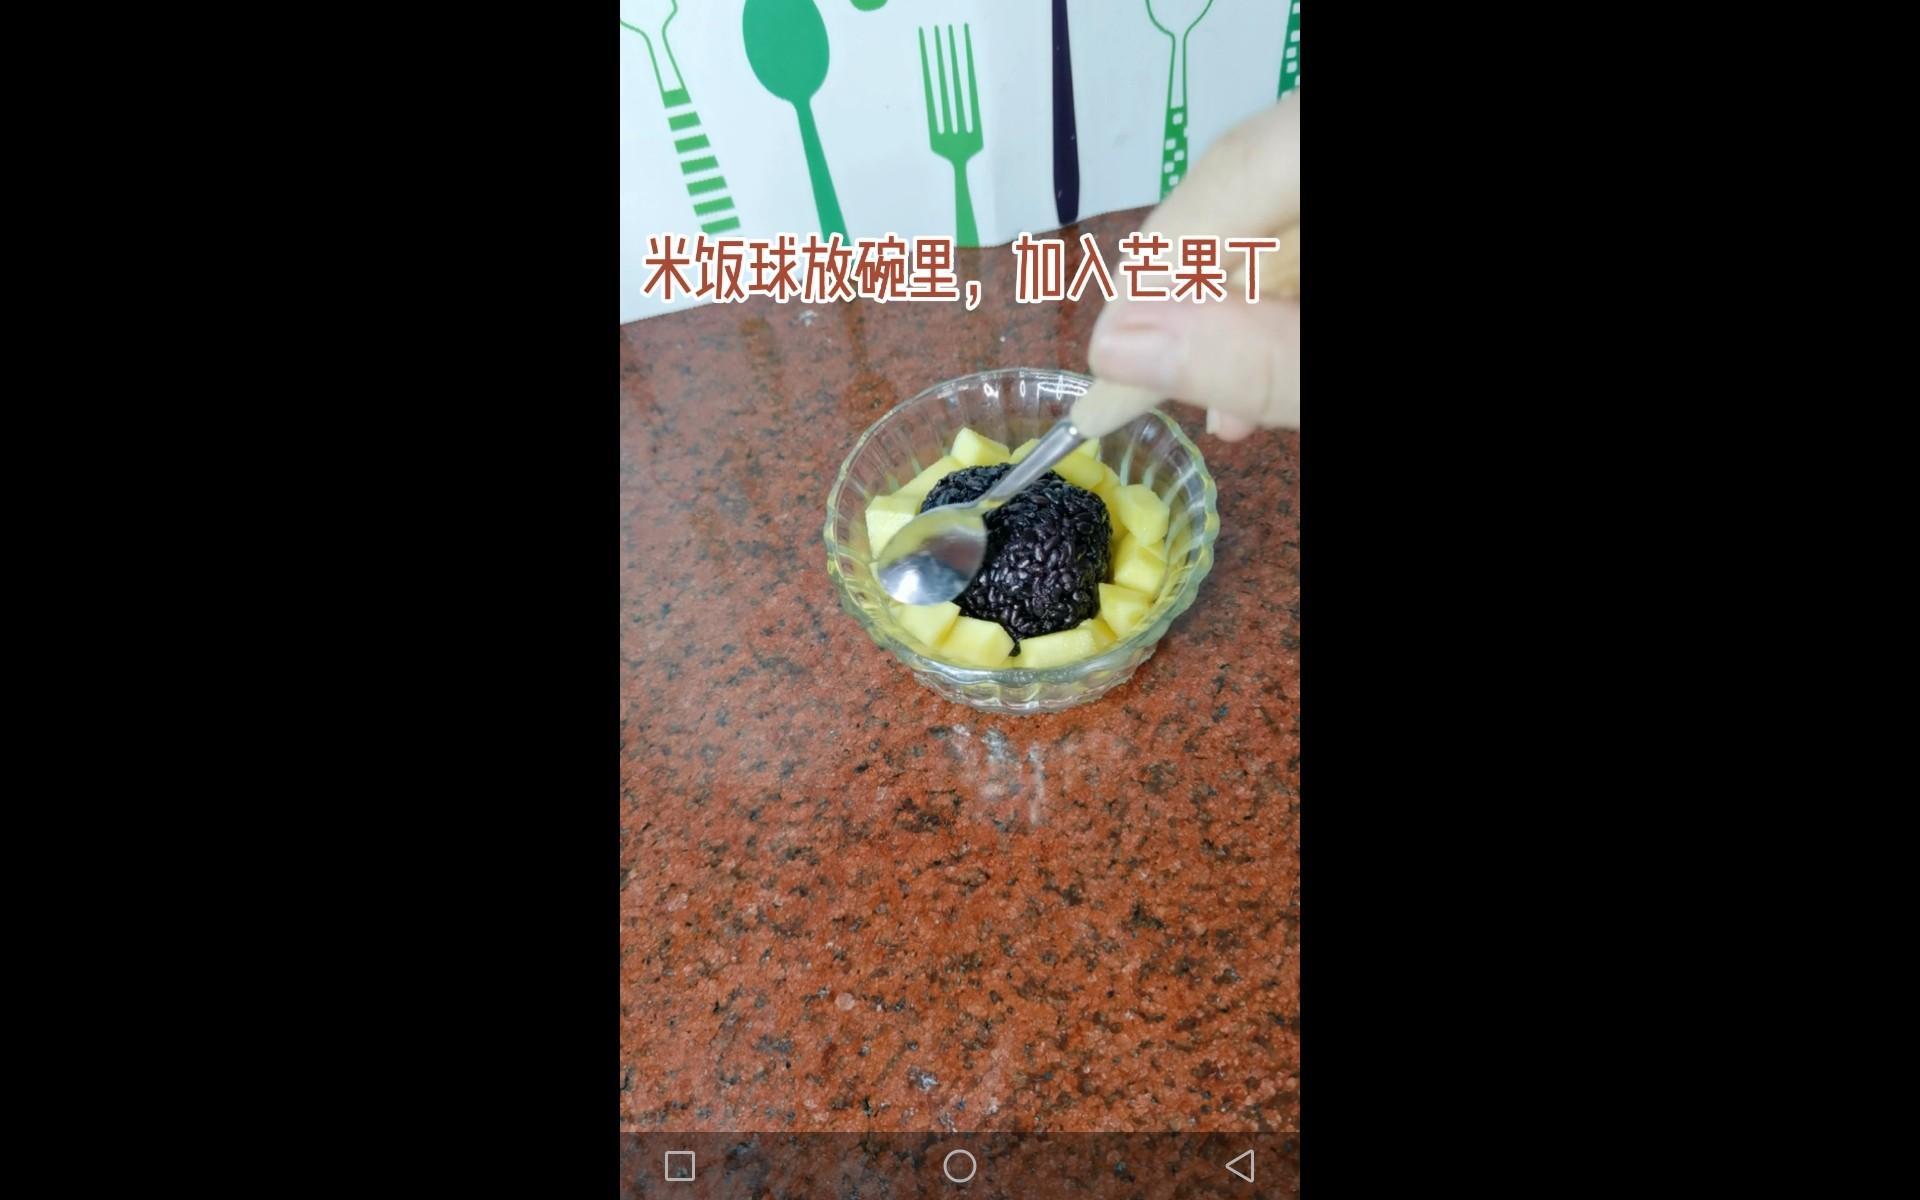 芒果椰汁黑米捞怎么做